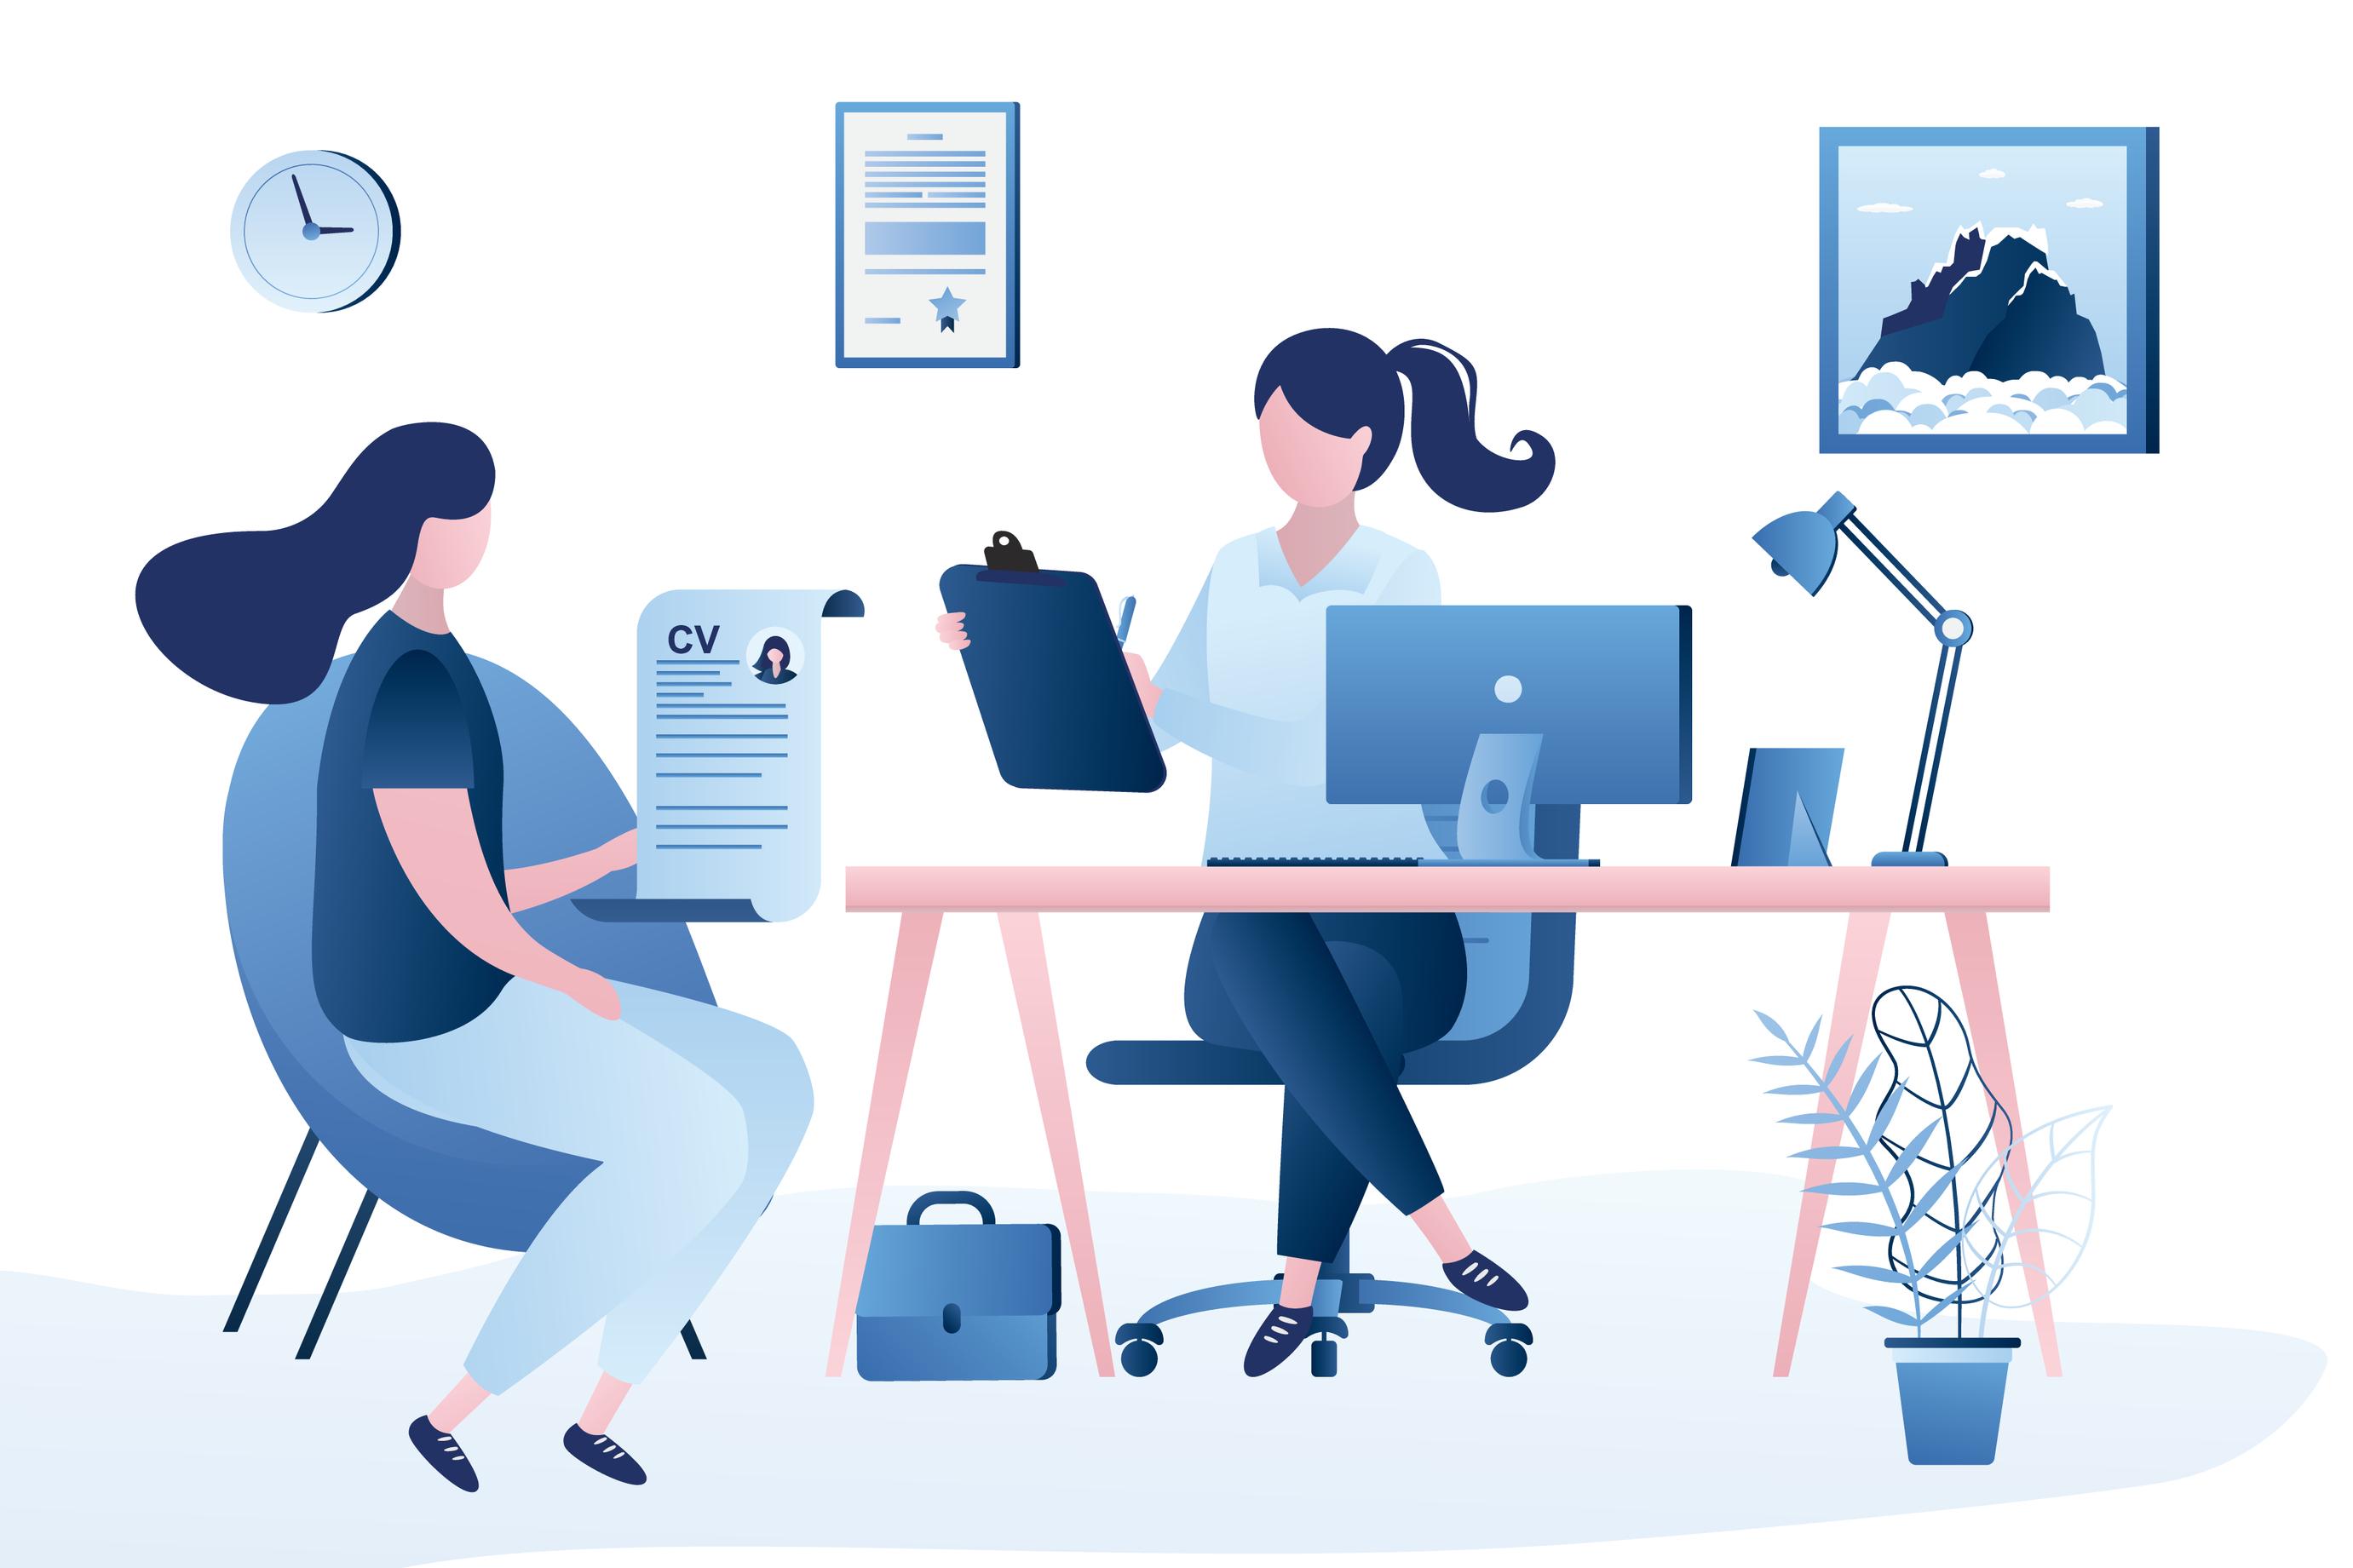 Vector image of job interview